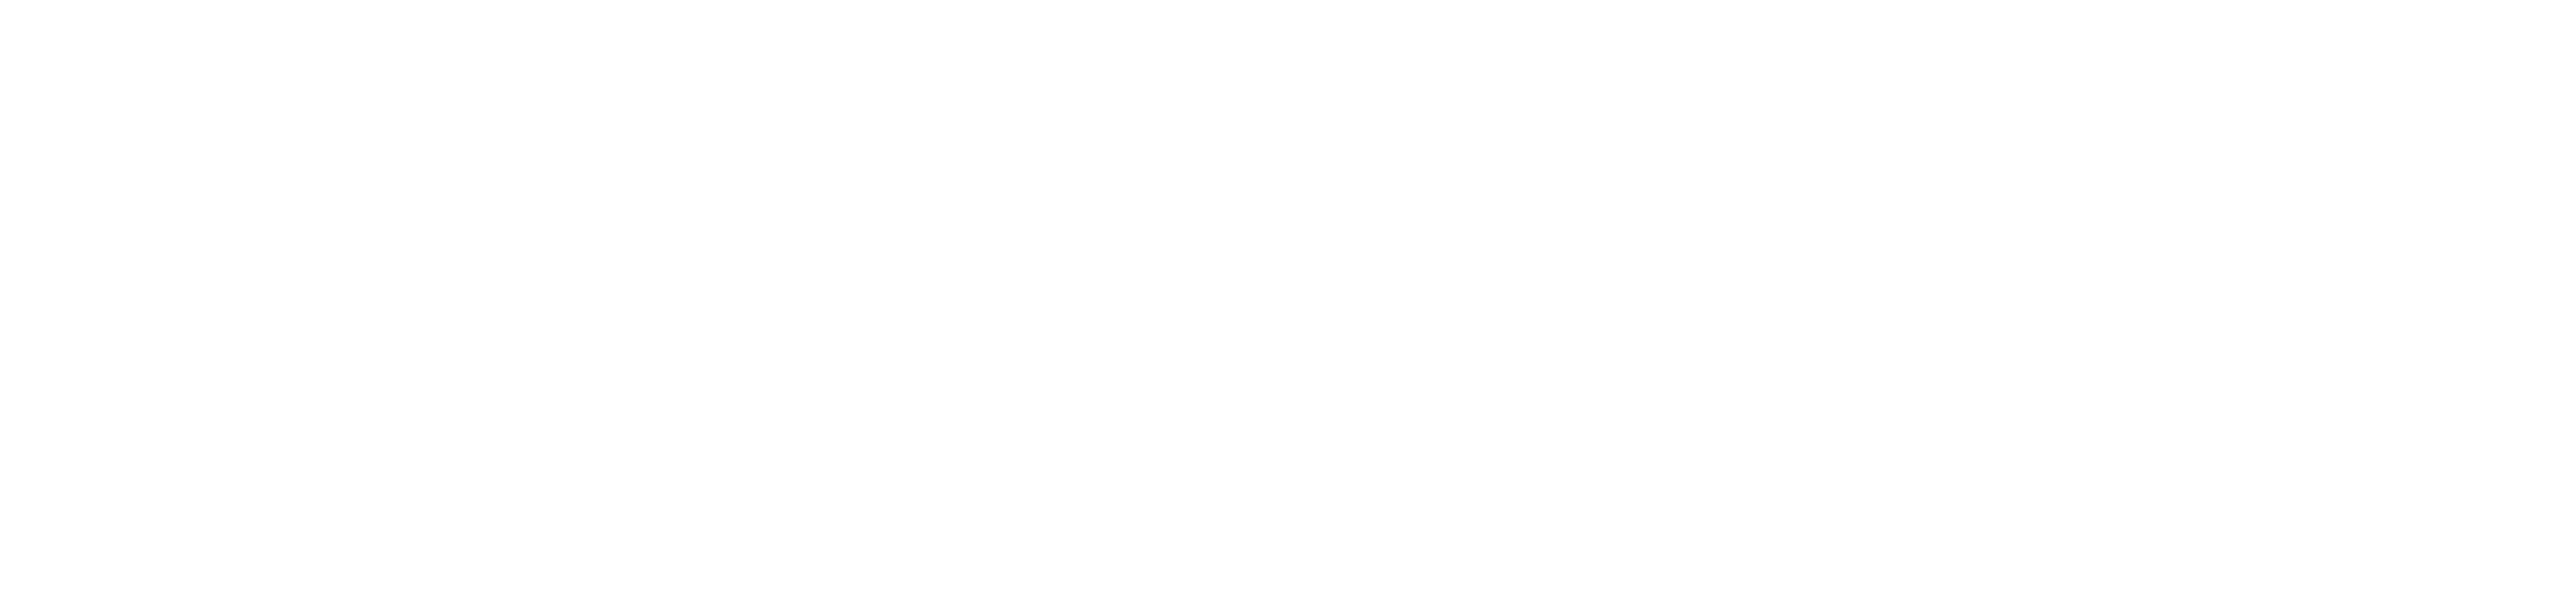 LeagueApps Logo White